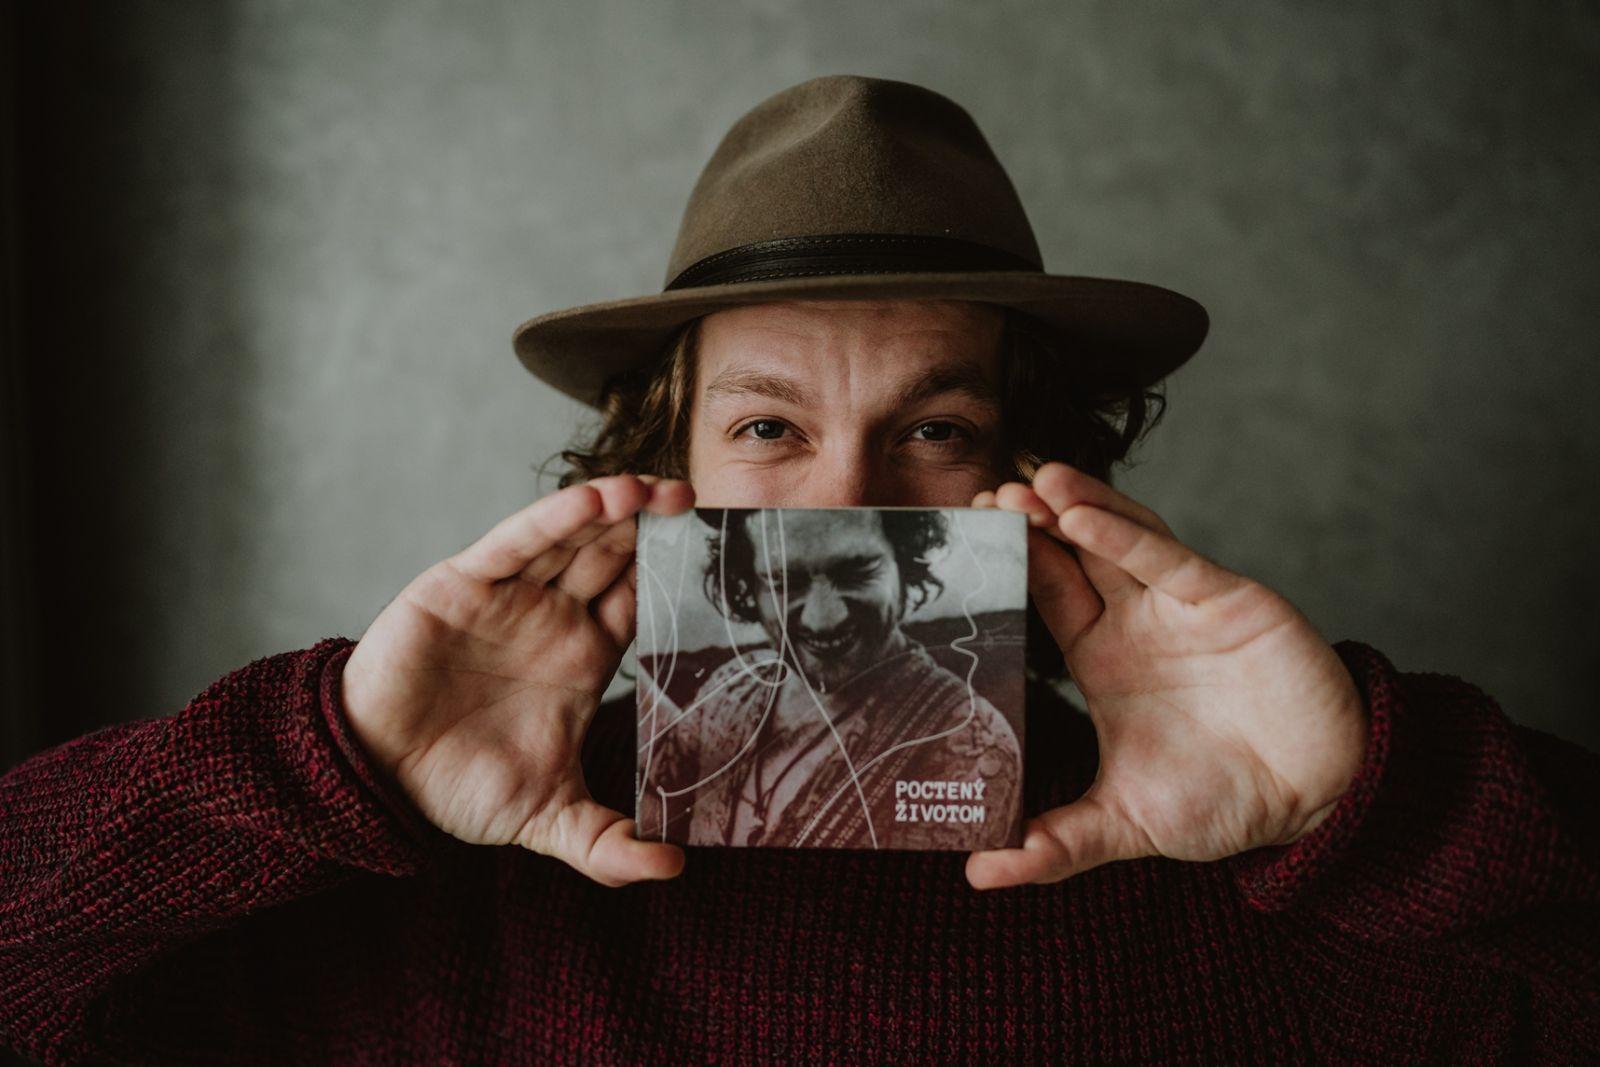 Peter Juhás vydal prvý autorský album s názvom Poctený životom. Pokrstí ho Jana Kirschner